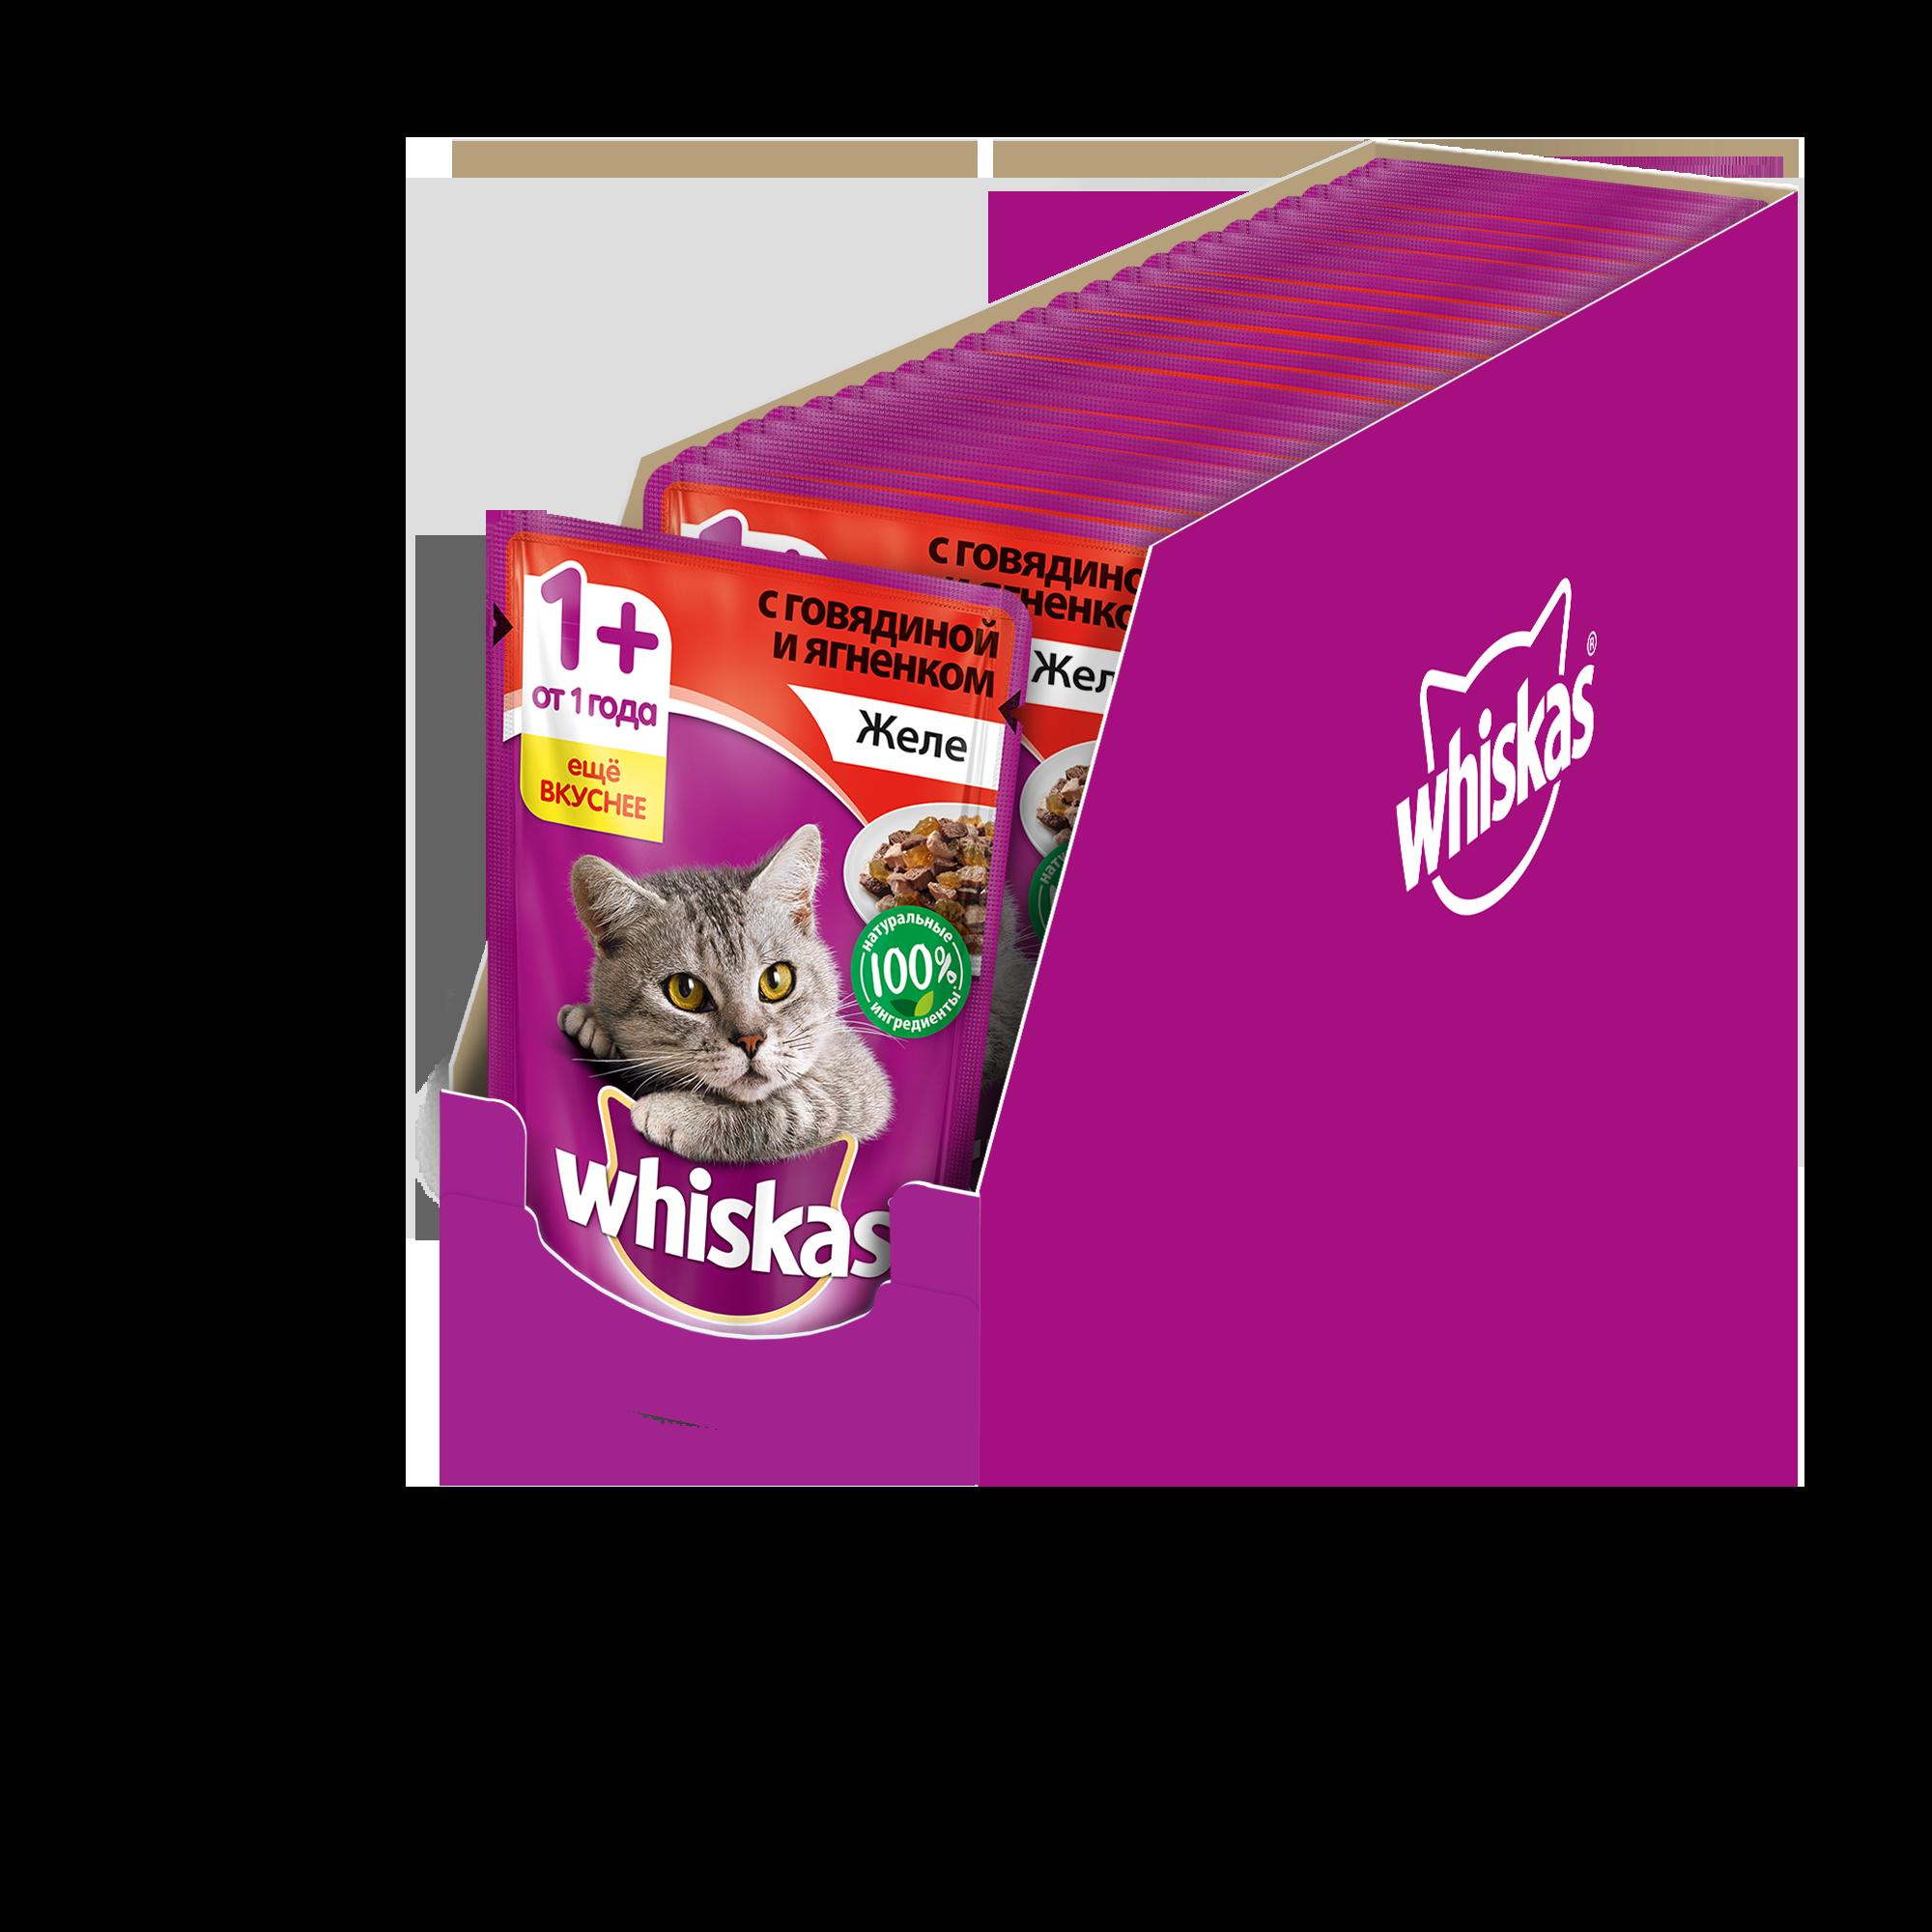 Влажный корм для кошек Whiskas желес говядиной и ягненком, 85г